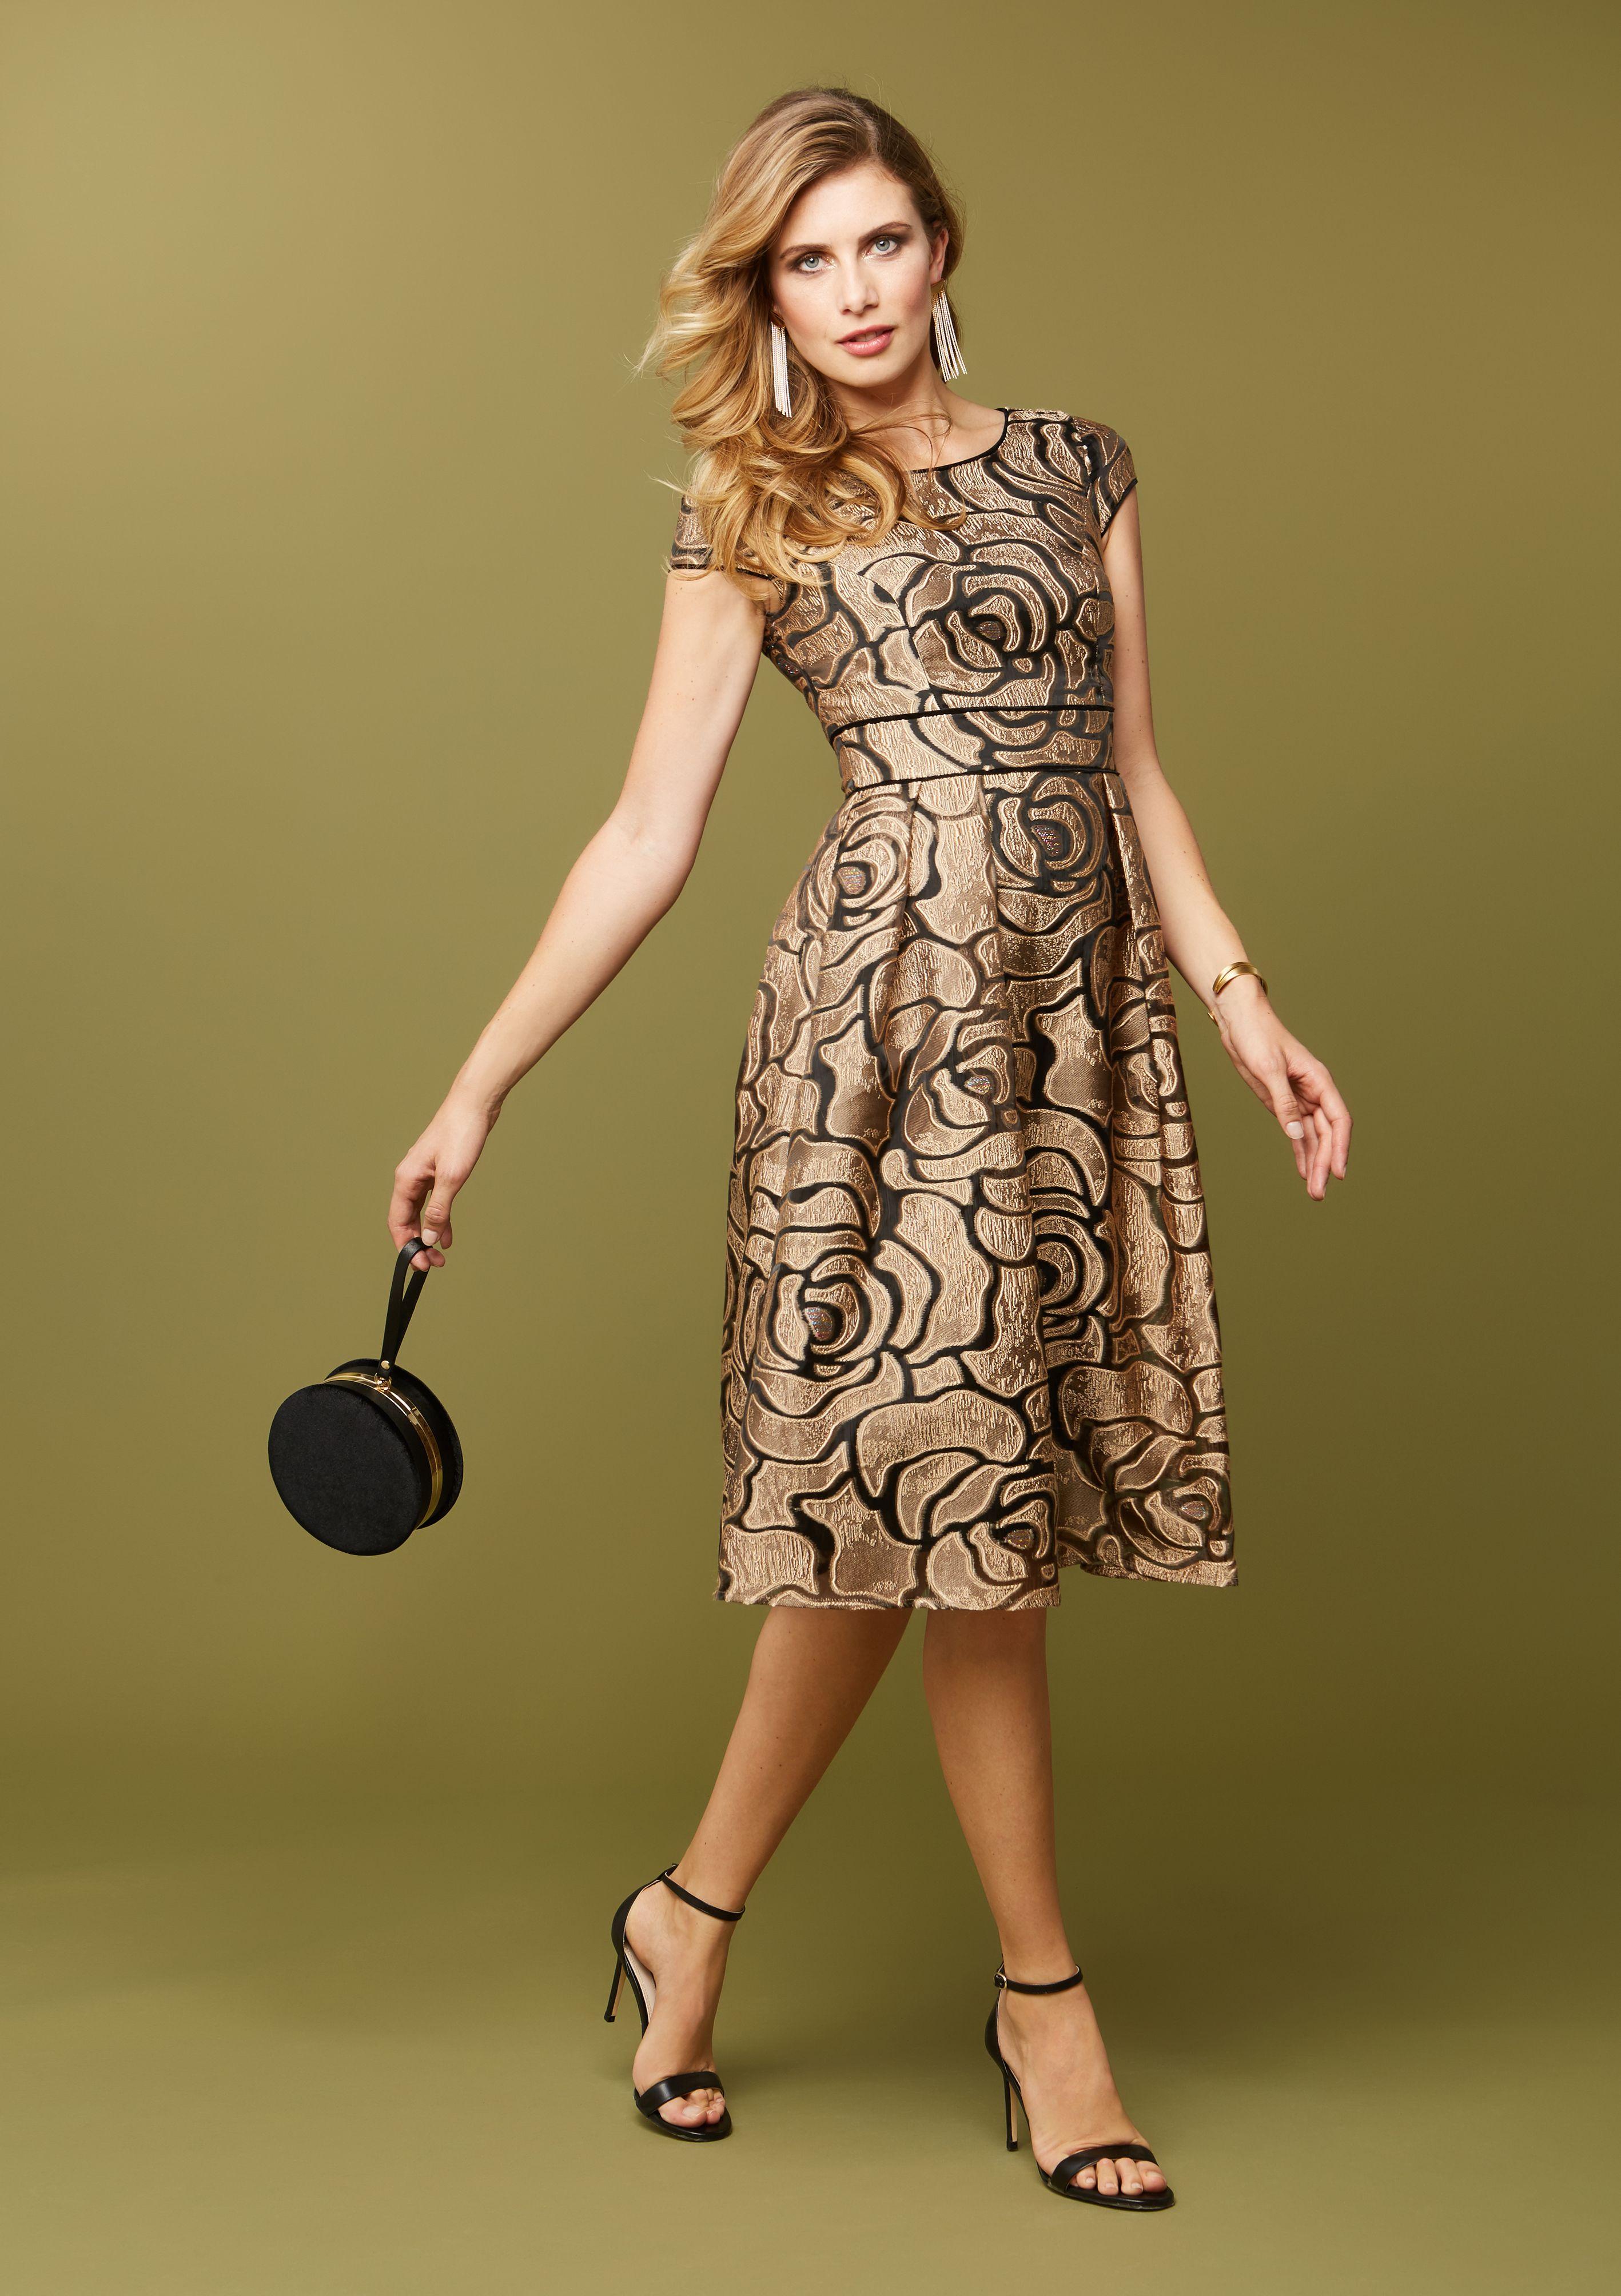 Der goldene Hingucker auf der Cocktailparty! Dieses Kleid ...